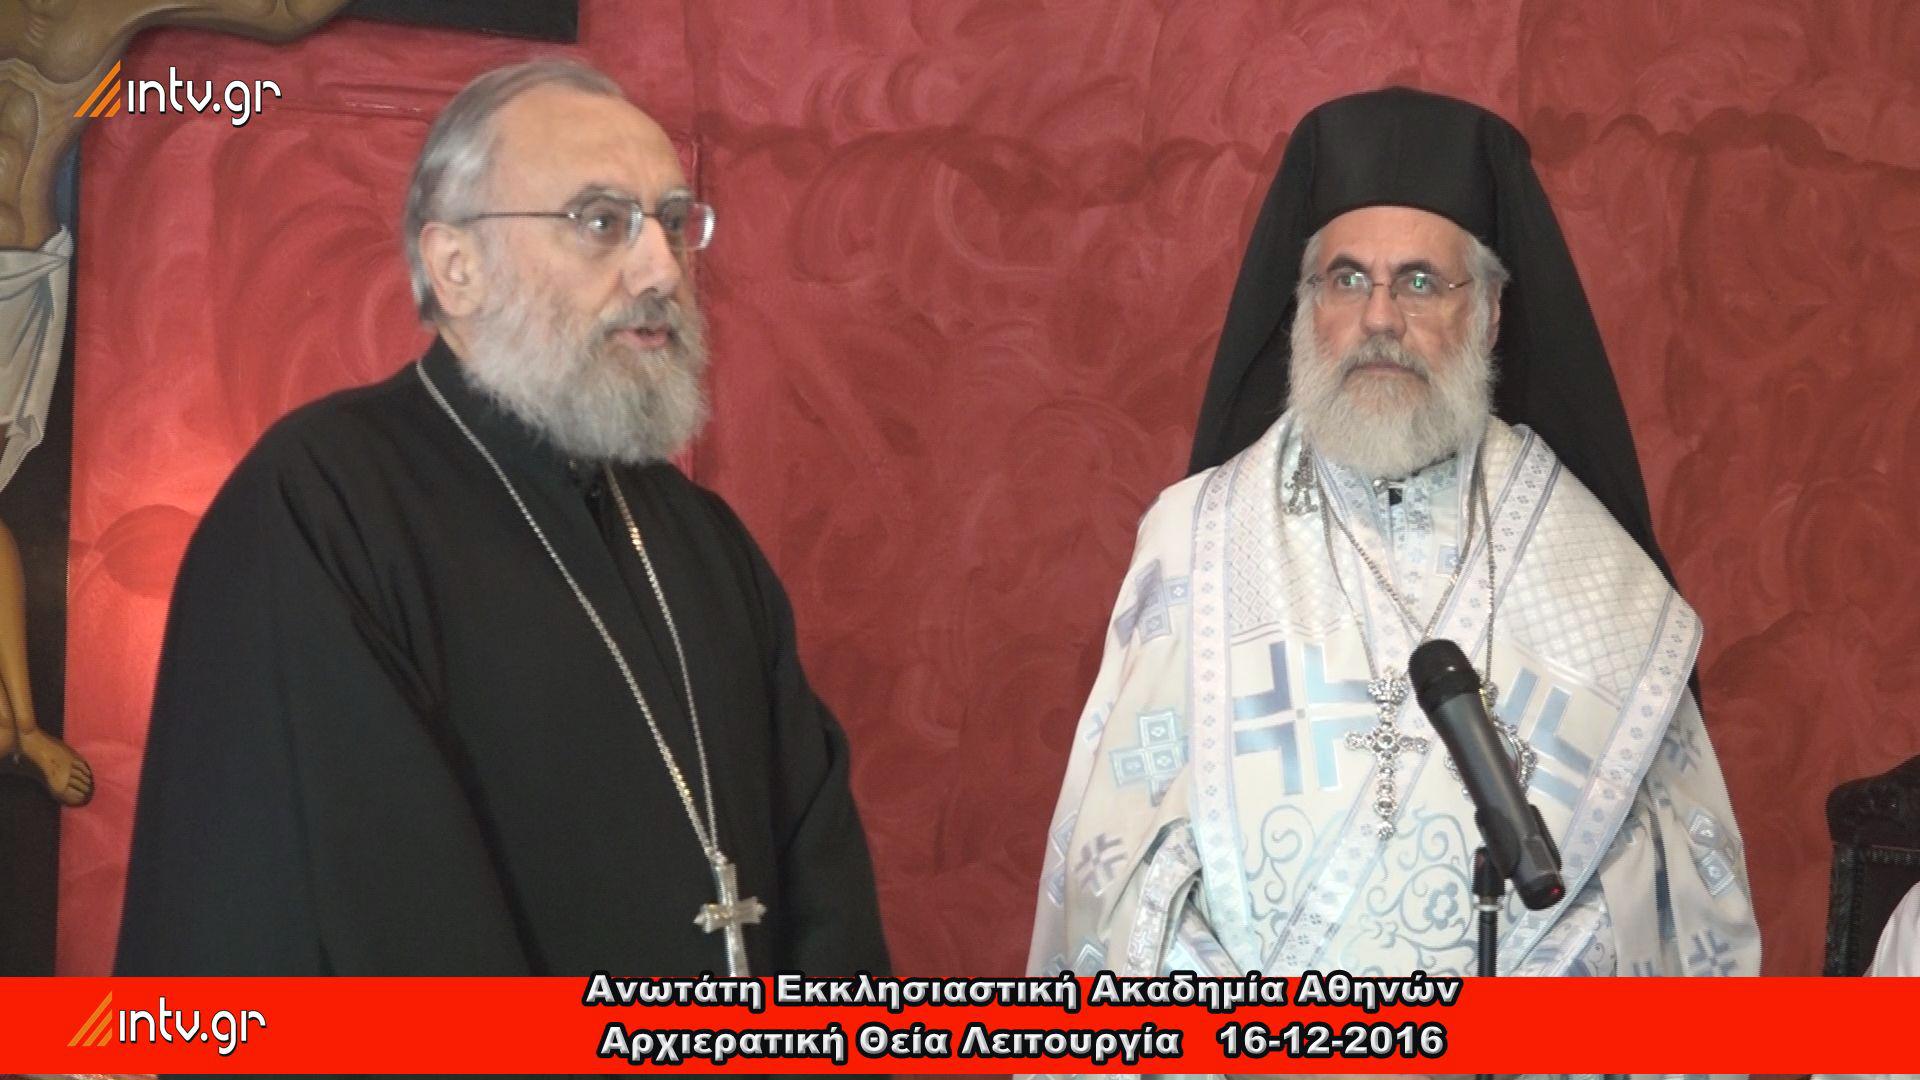 Θεία Λειτουργία στο παρεκκλήσιο της Ανωτάτης Εκκλησιαστικής Ακαδημίας Αθηνών